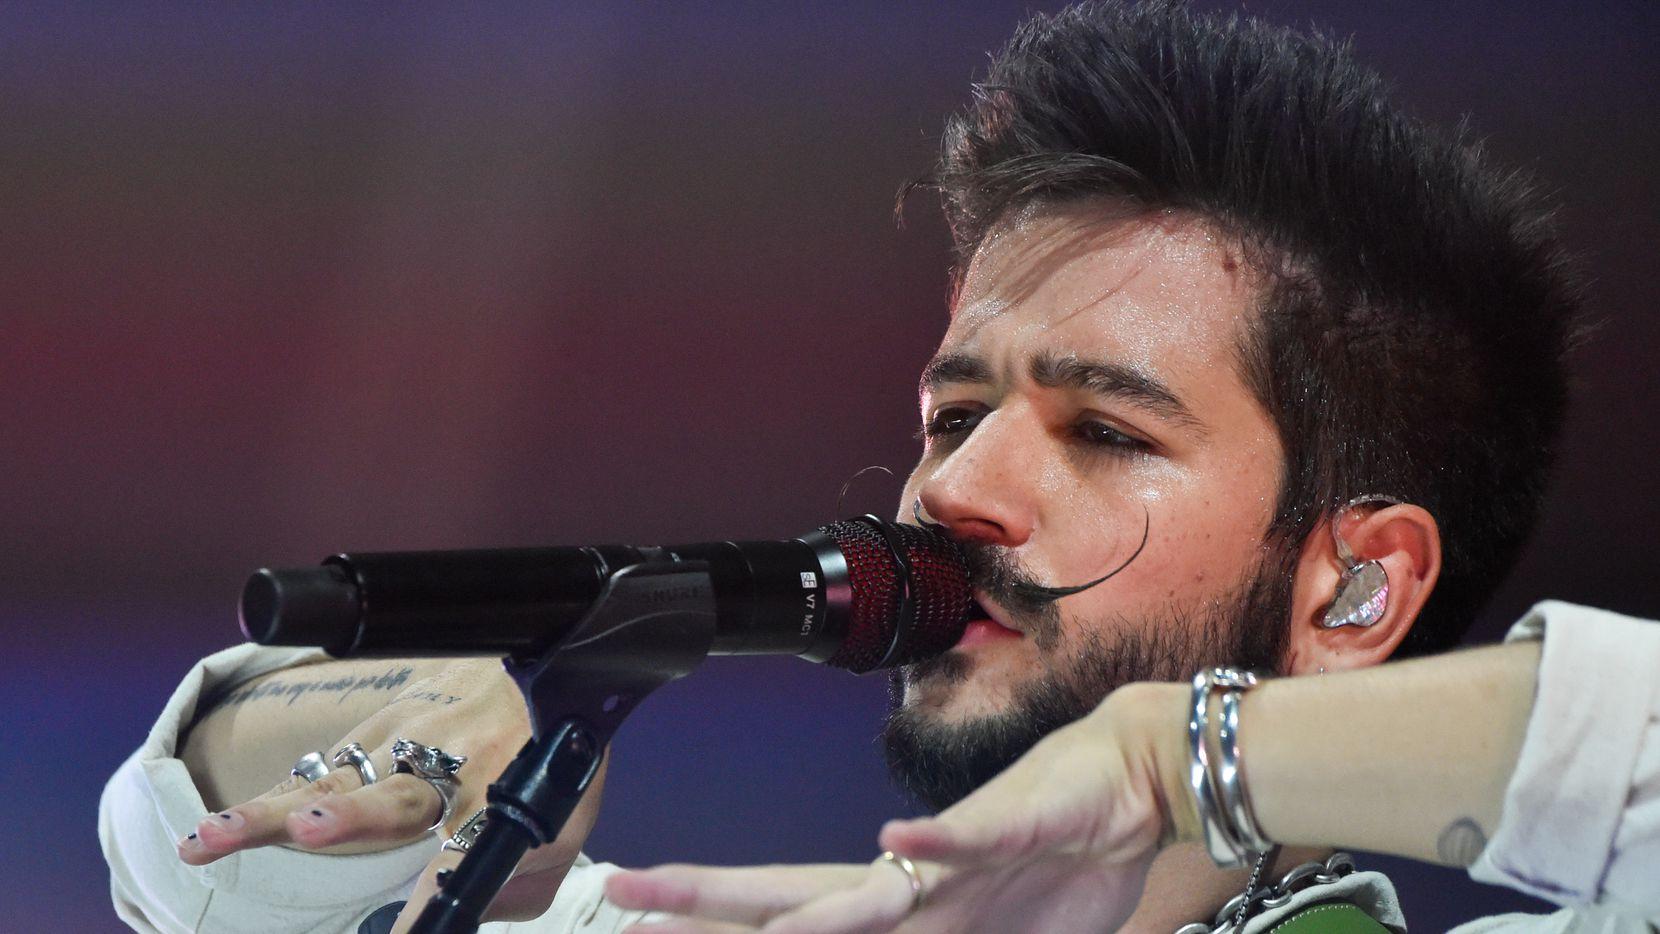 Camilo canta en su show en el estadio Enrique Roca de Murcia, España, el 7 de julio de 2021.